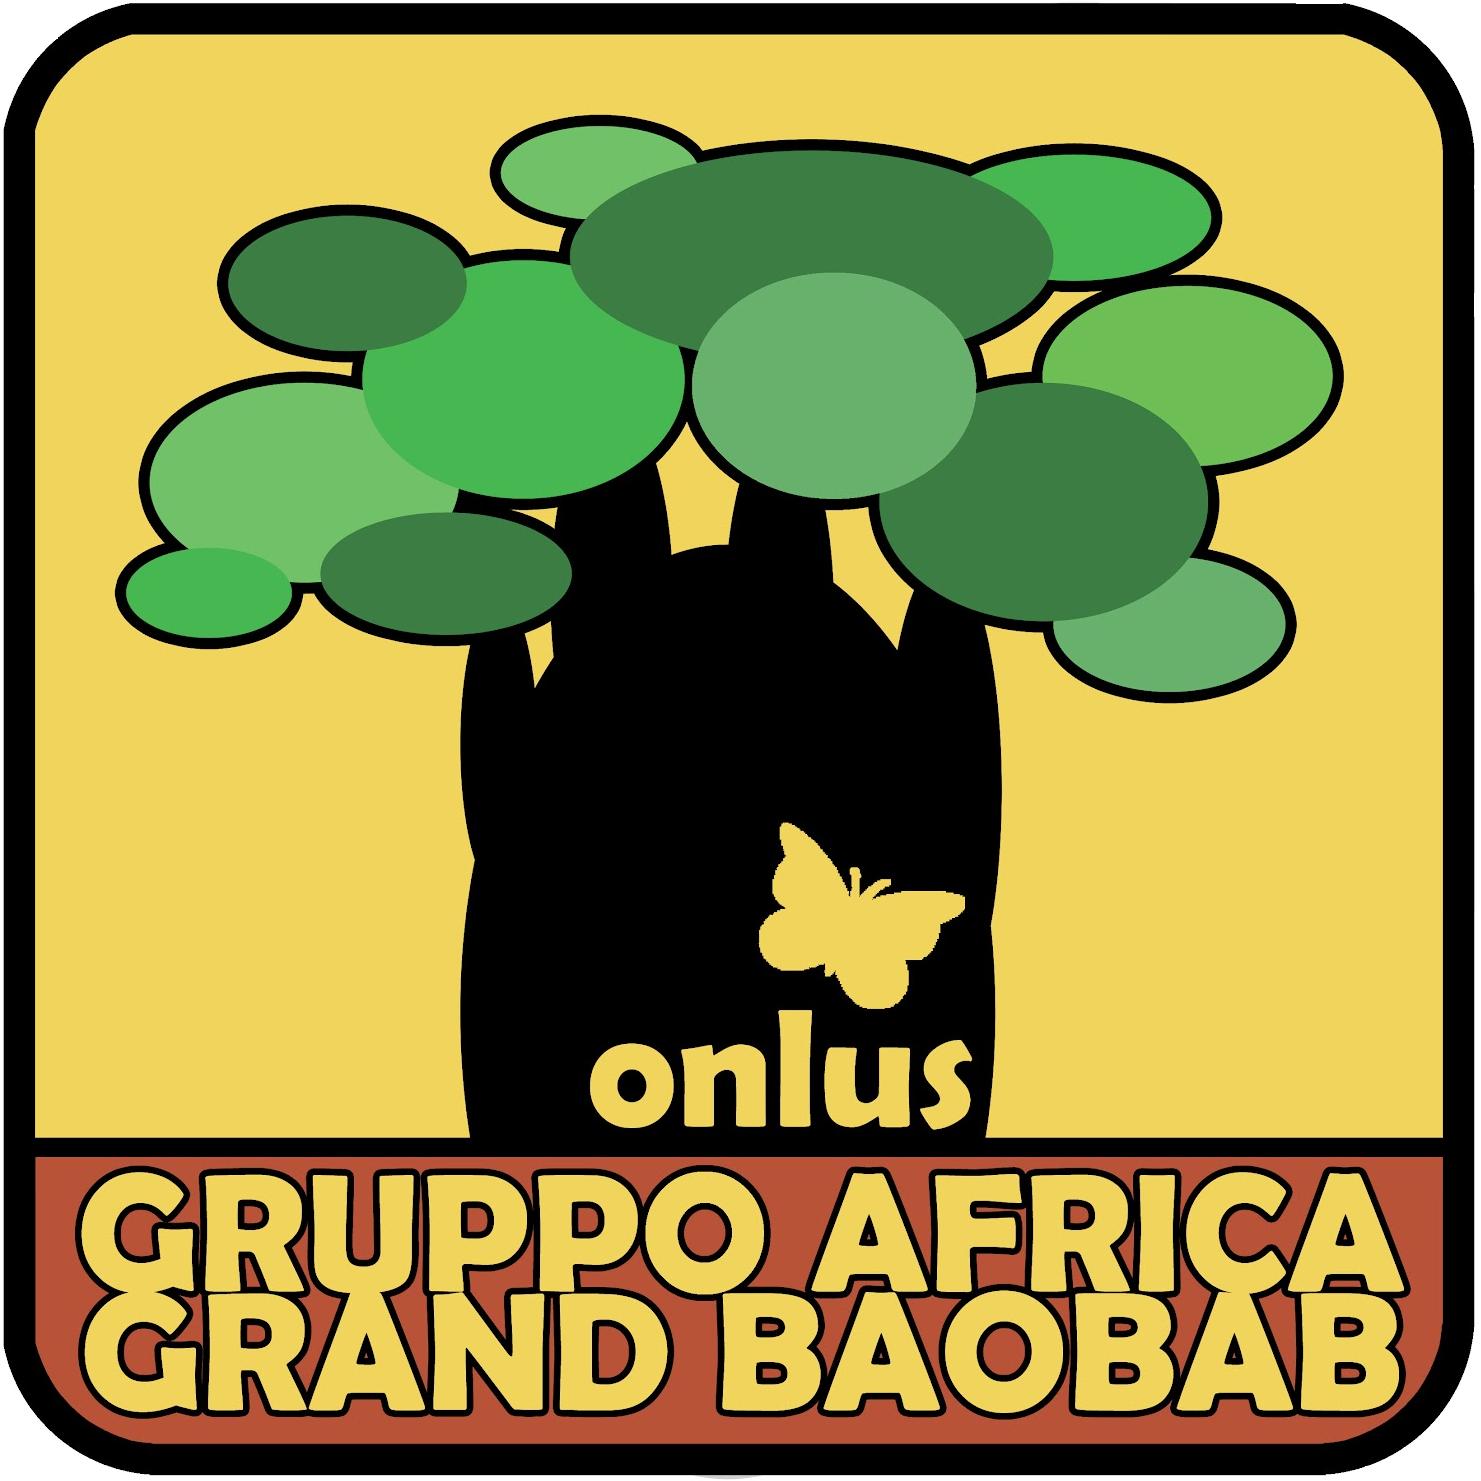 Grand Baobab